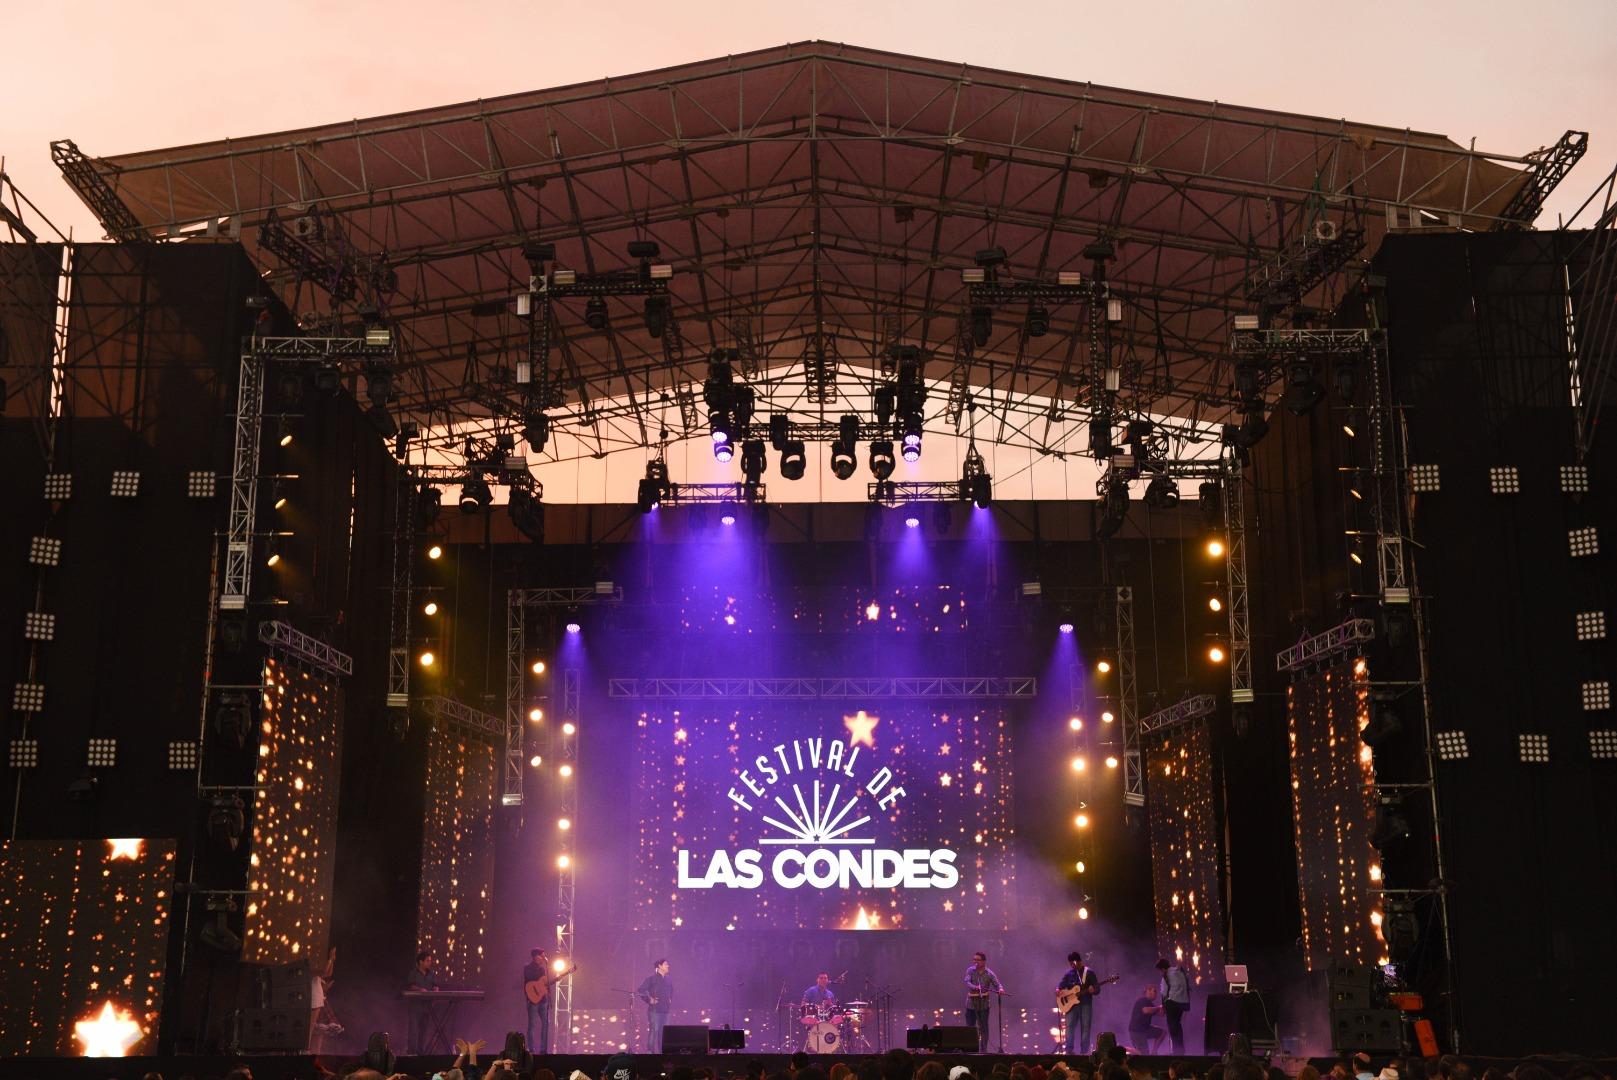 Festival Las Condes 2020